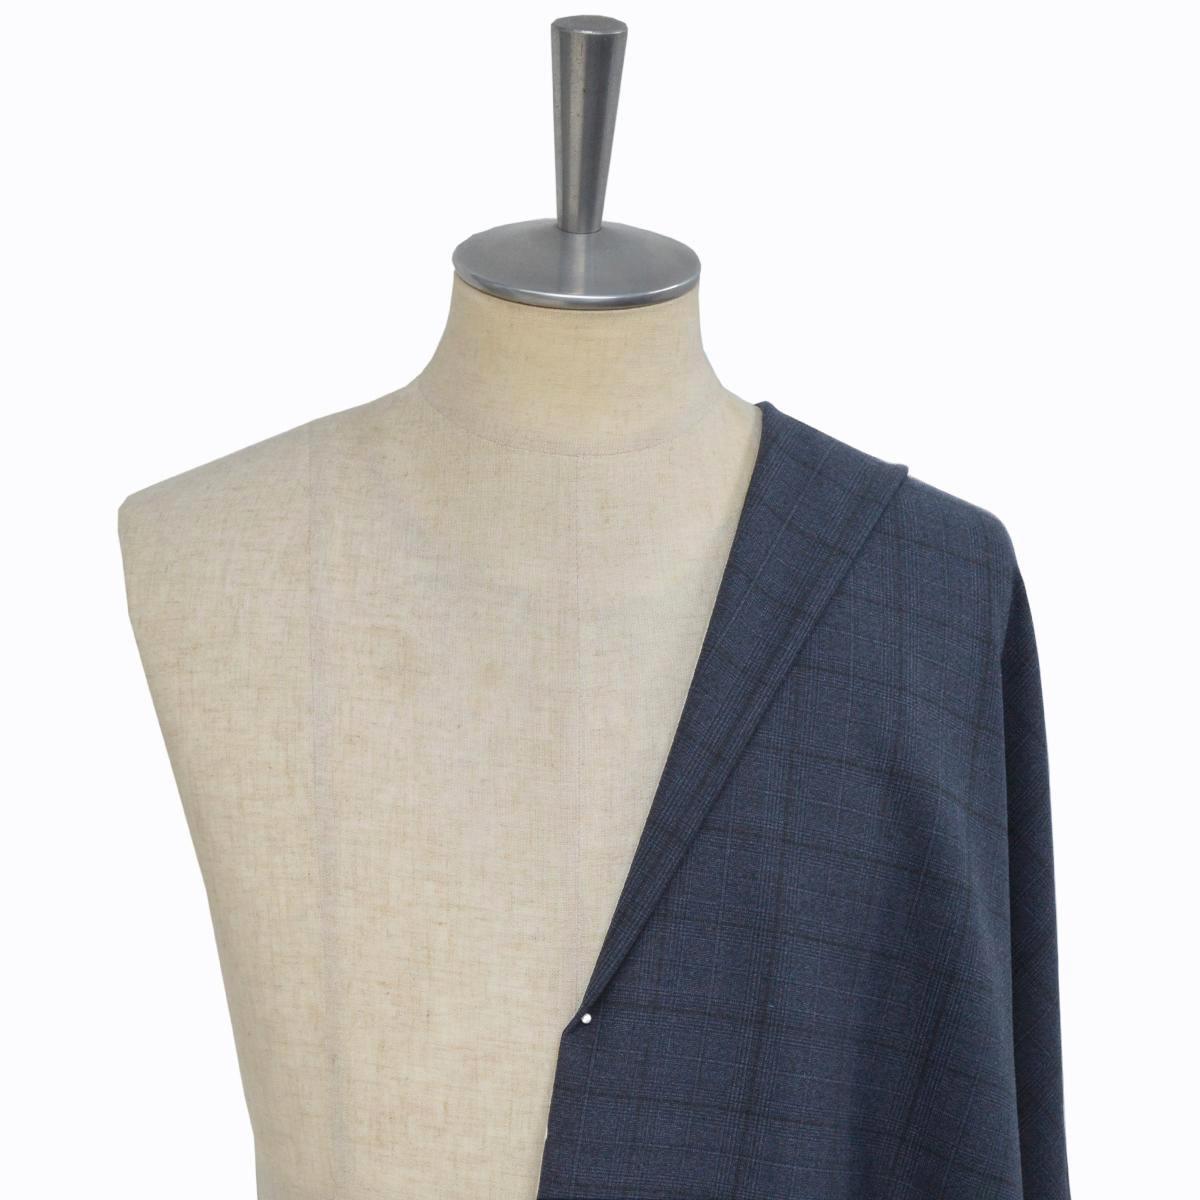 [オーダーレディーススーツ スカートセット]上品なネイビーチェック柄があなたの魅力を引き立てる!